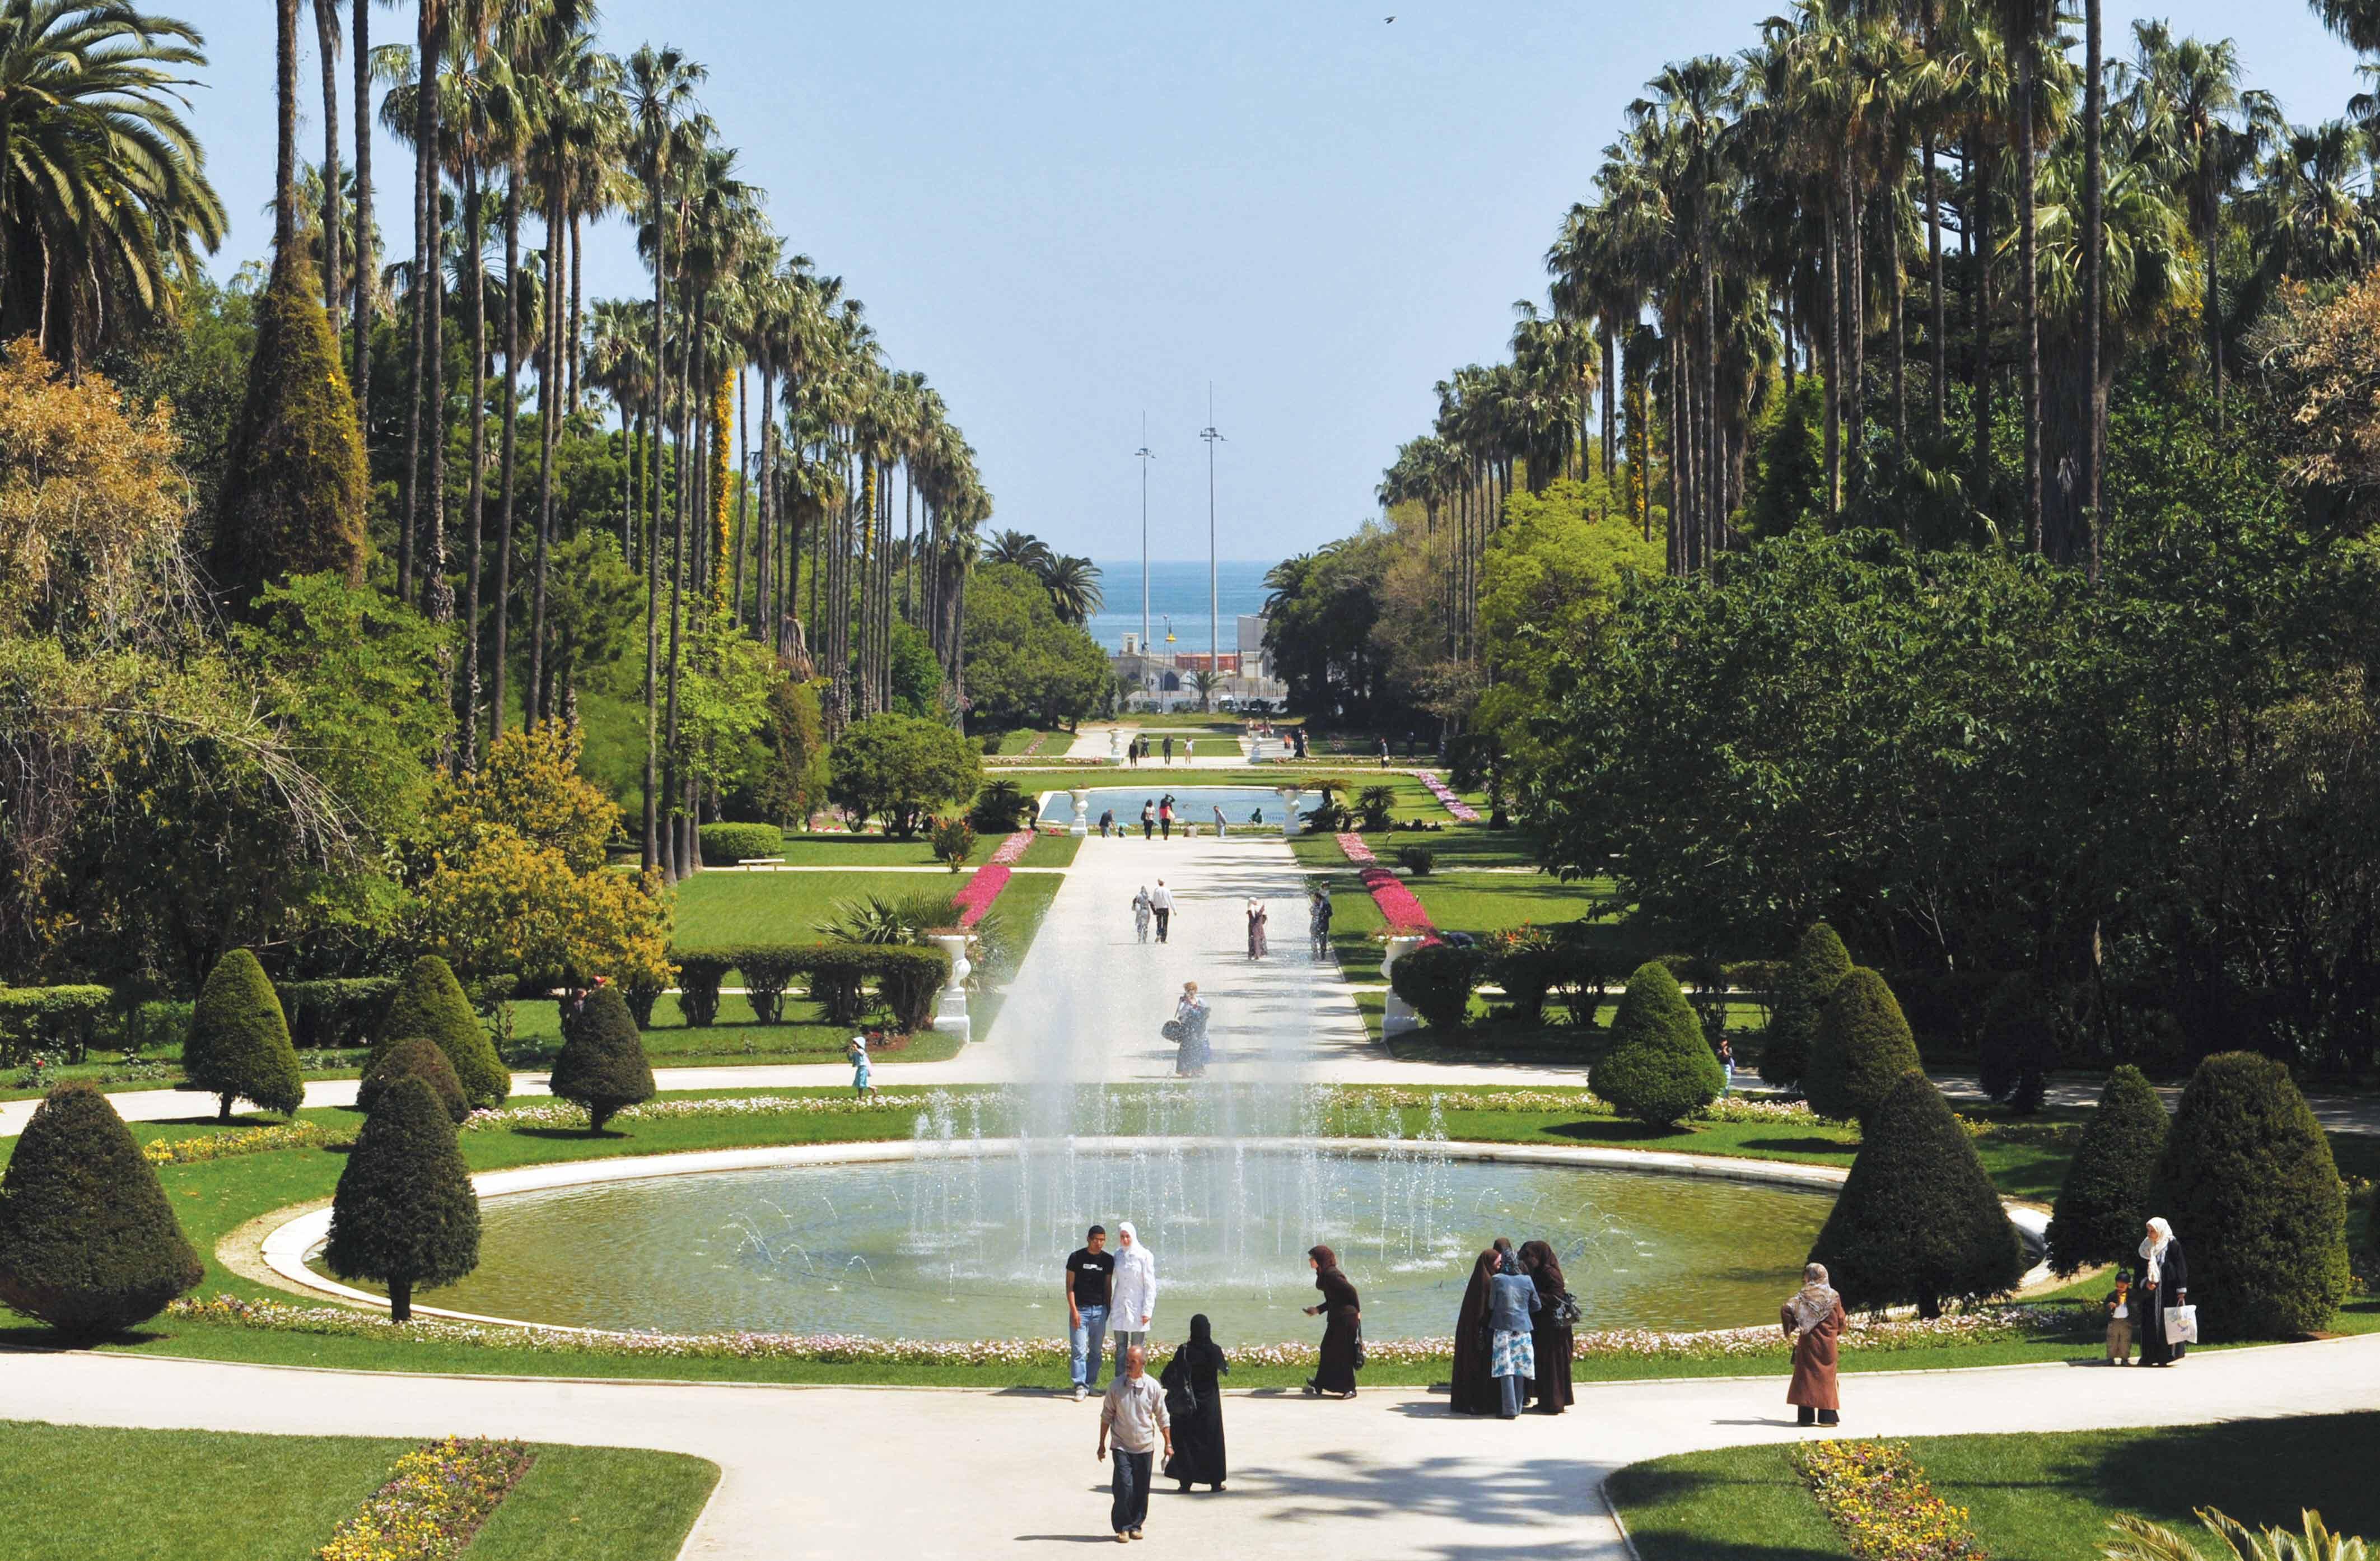 parc algerie